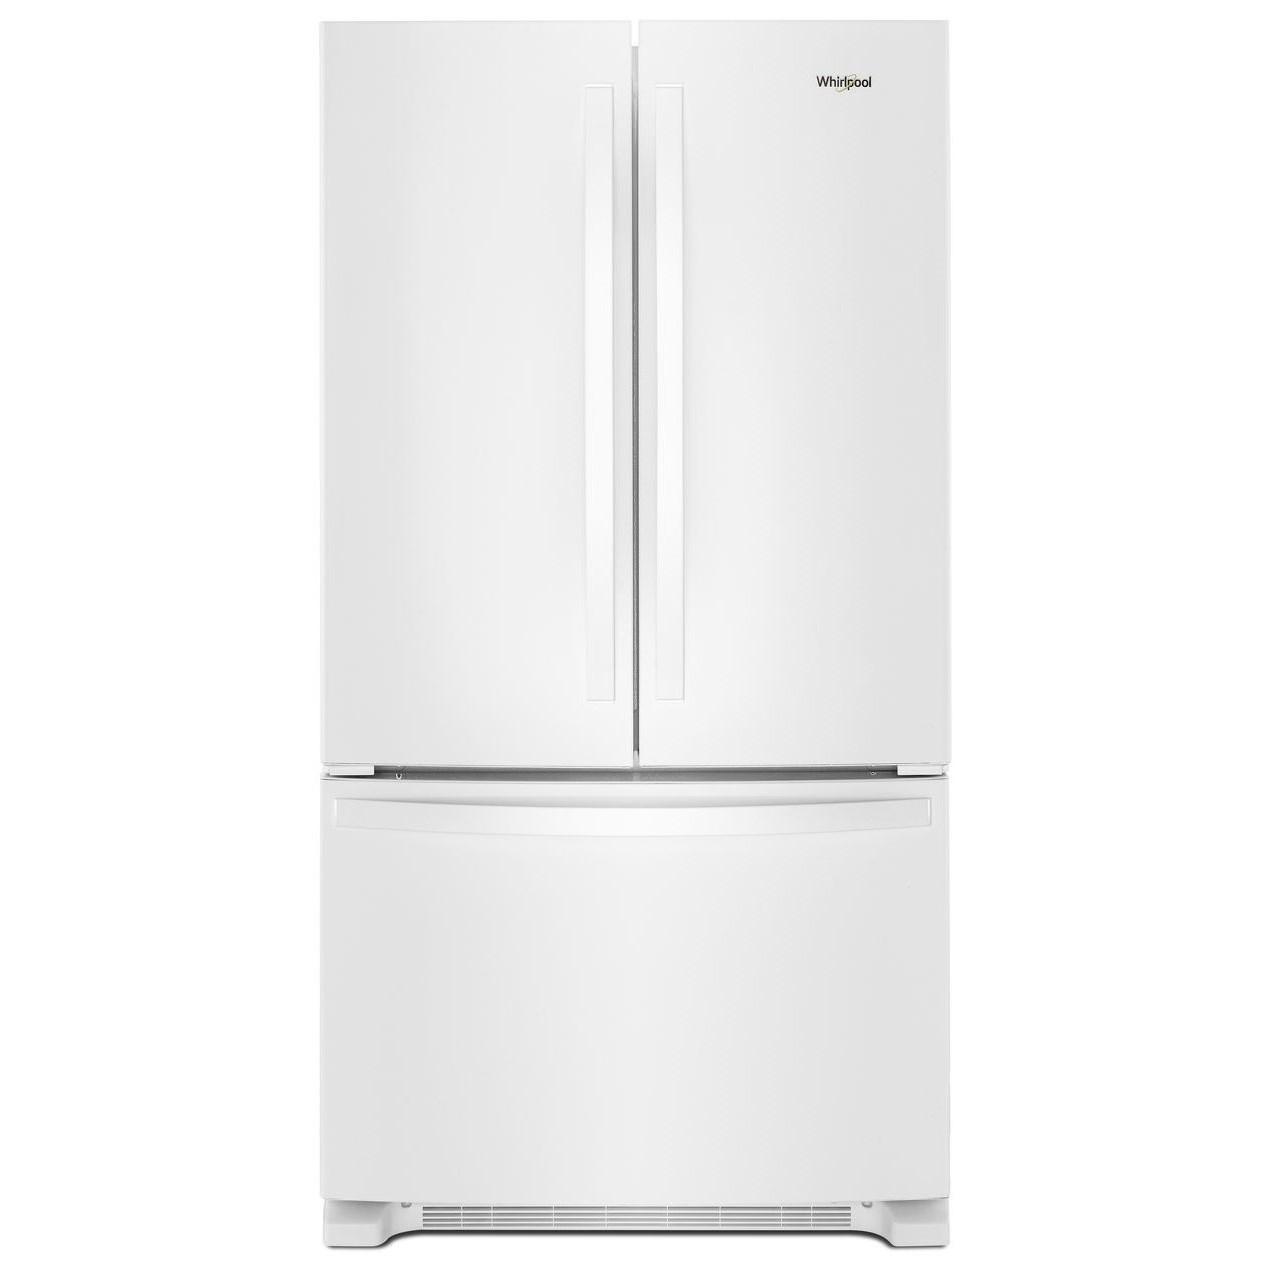 Whirlpool French Door Refrigerators 36 Inch Wide French Door Refrigerator  With Water Dispenser   25